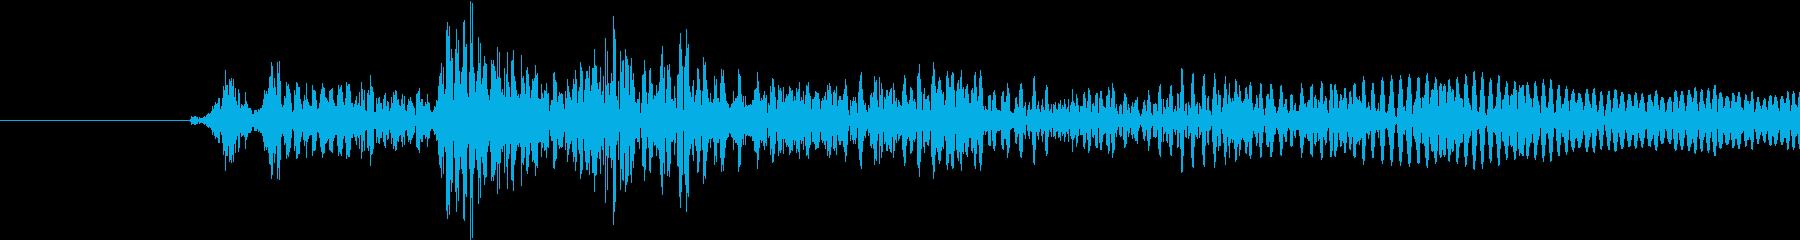 決定音(高い音)の再生済みの波形